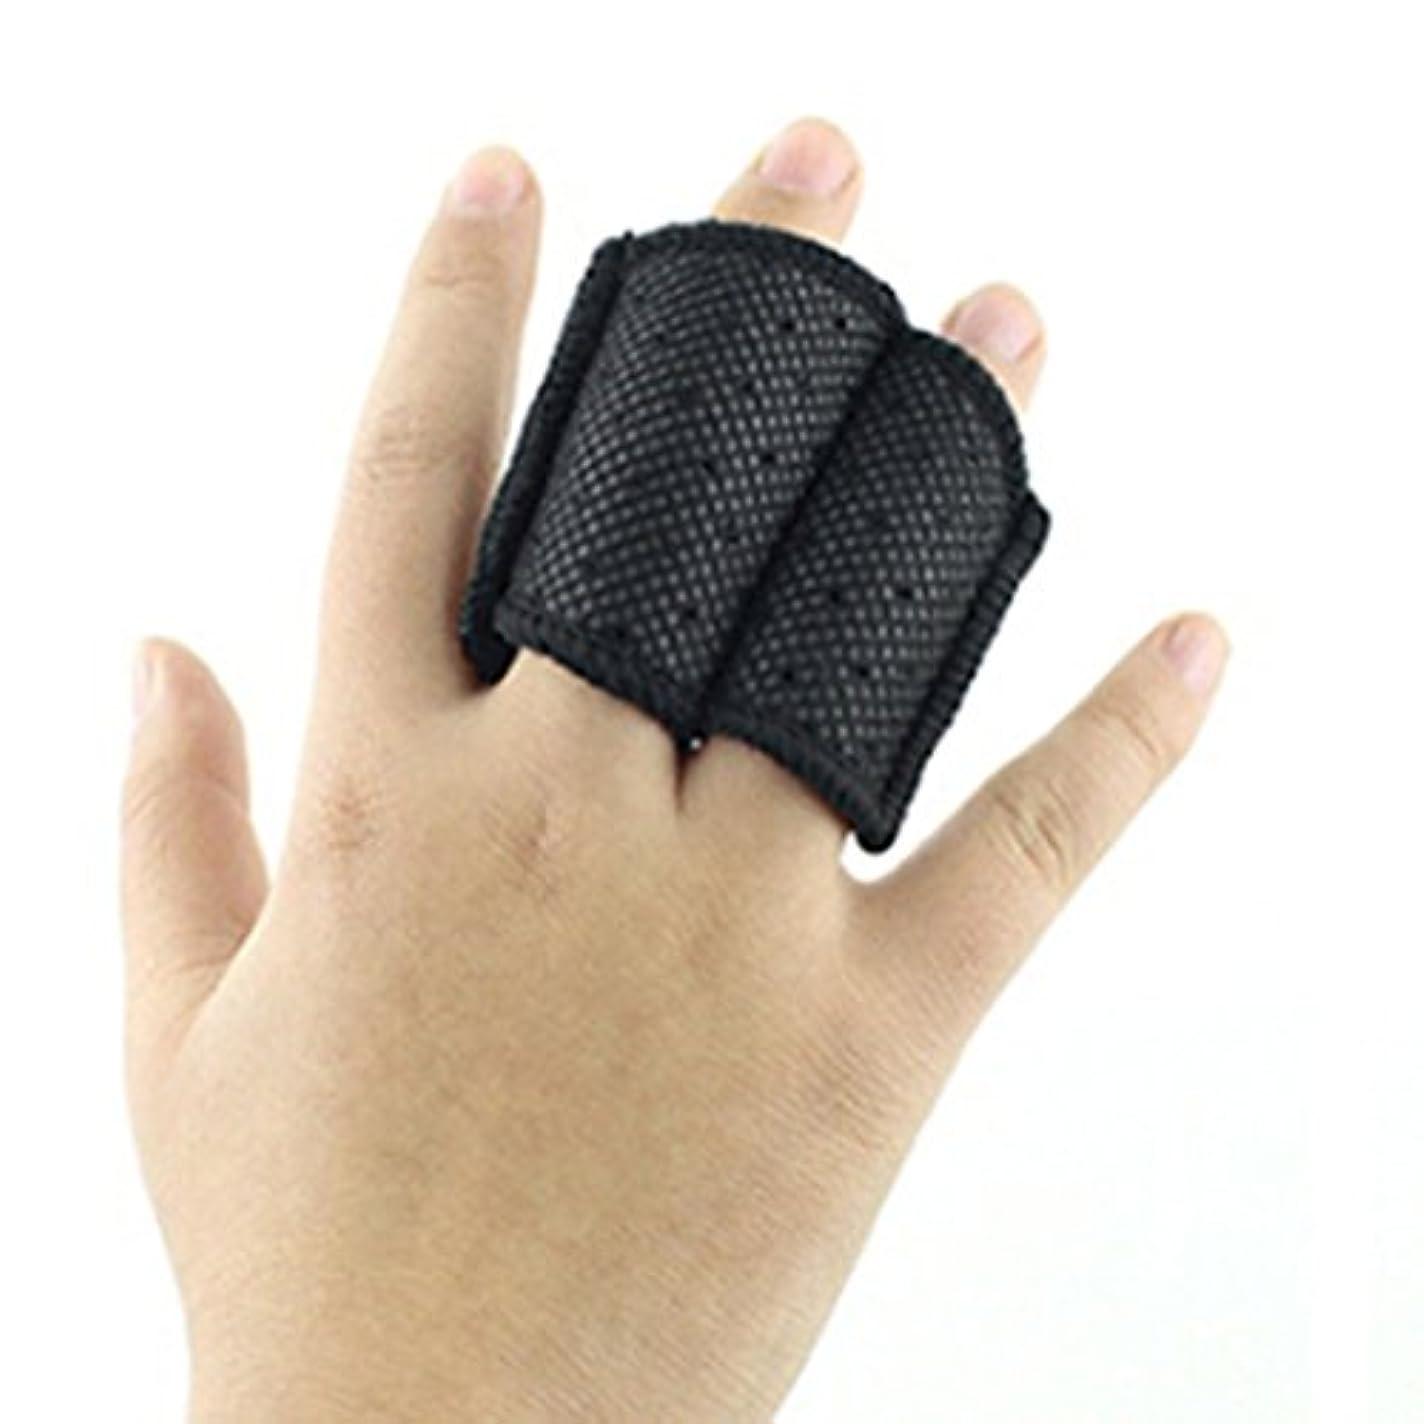 国内のごみ論理的にSUPVOX 指の添え木マレット指の支柱の引き金のための骨折の接合箇所の添え木プロテクター